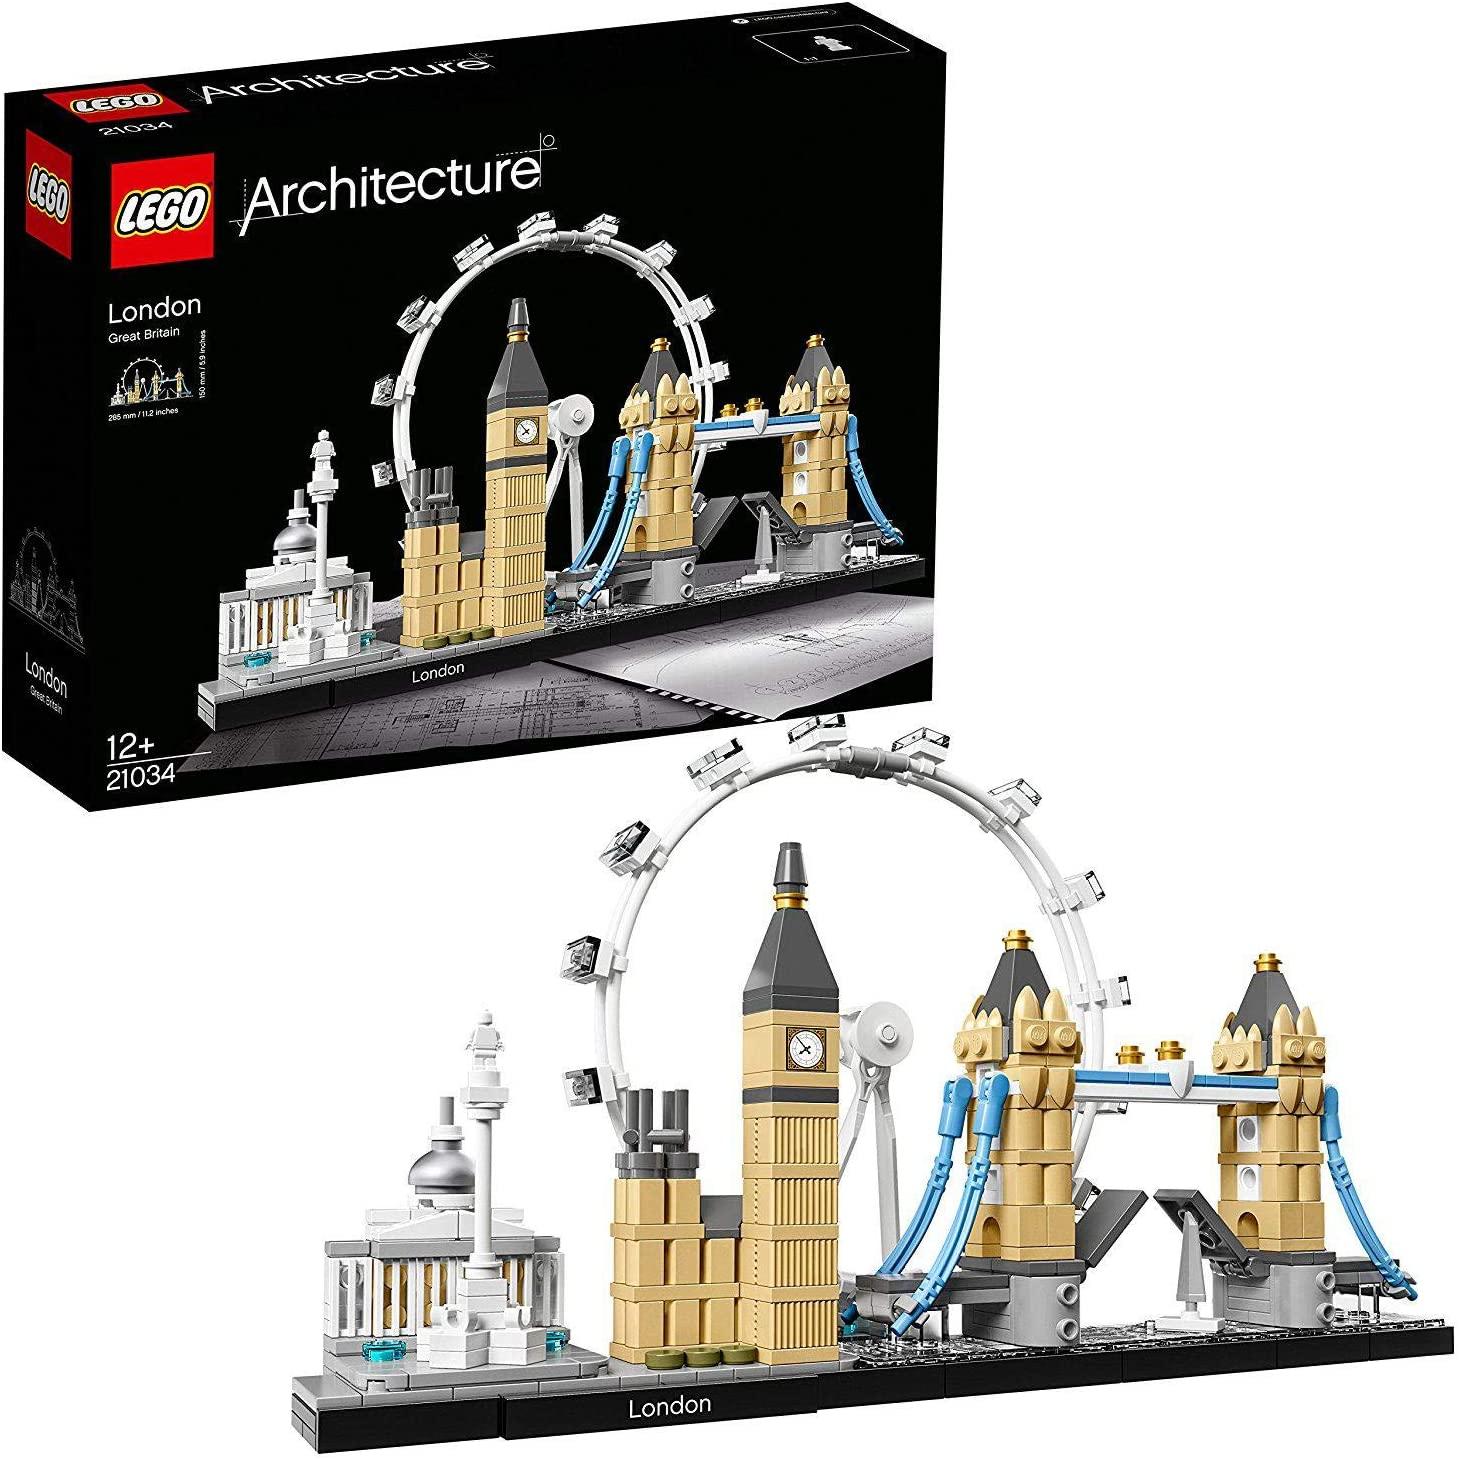 LEGO 21034 Architecture Londen skyline